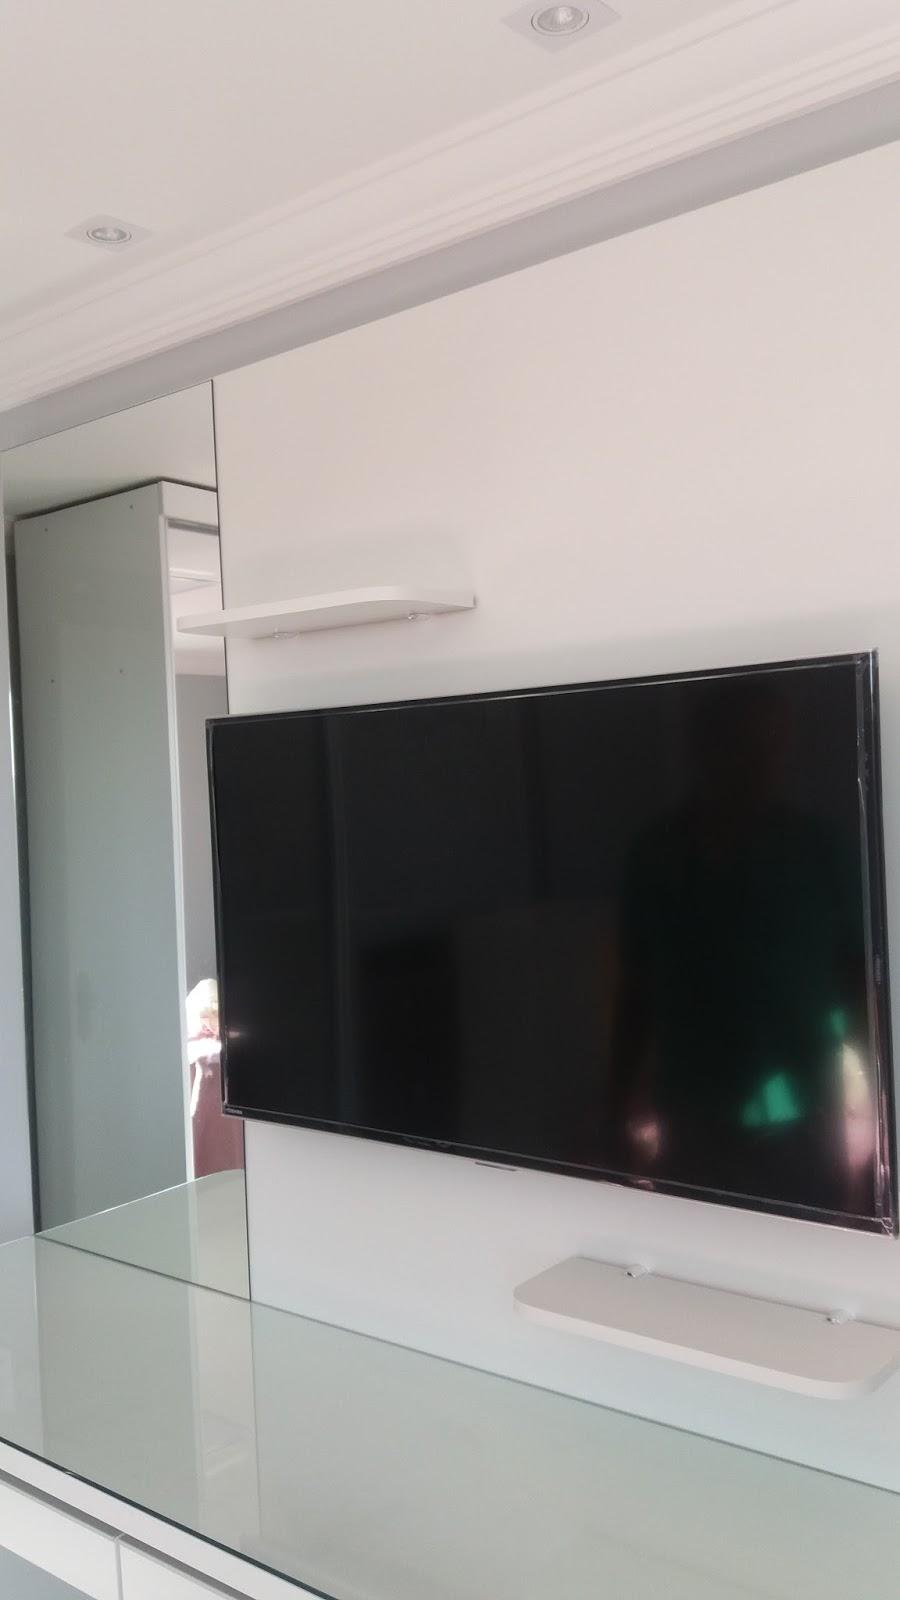 Penteadeira Mdf Branco Com Painel Tv Motta Arm Rios Planejados Ltda ~ Painel De Tv Para Quarto Planejado